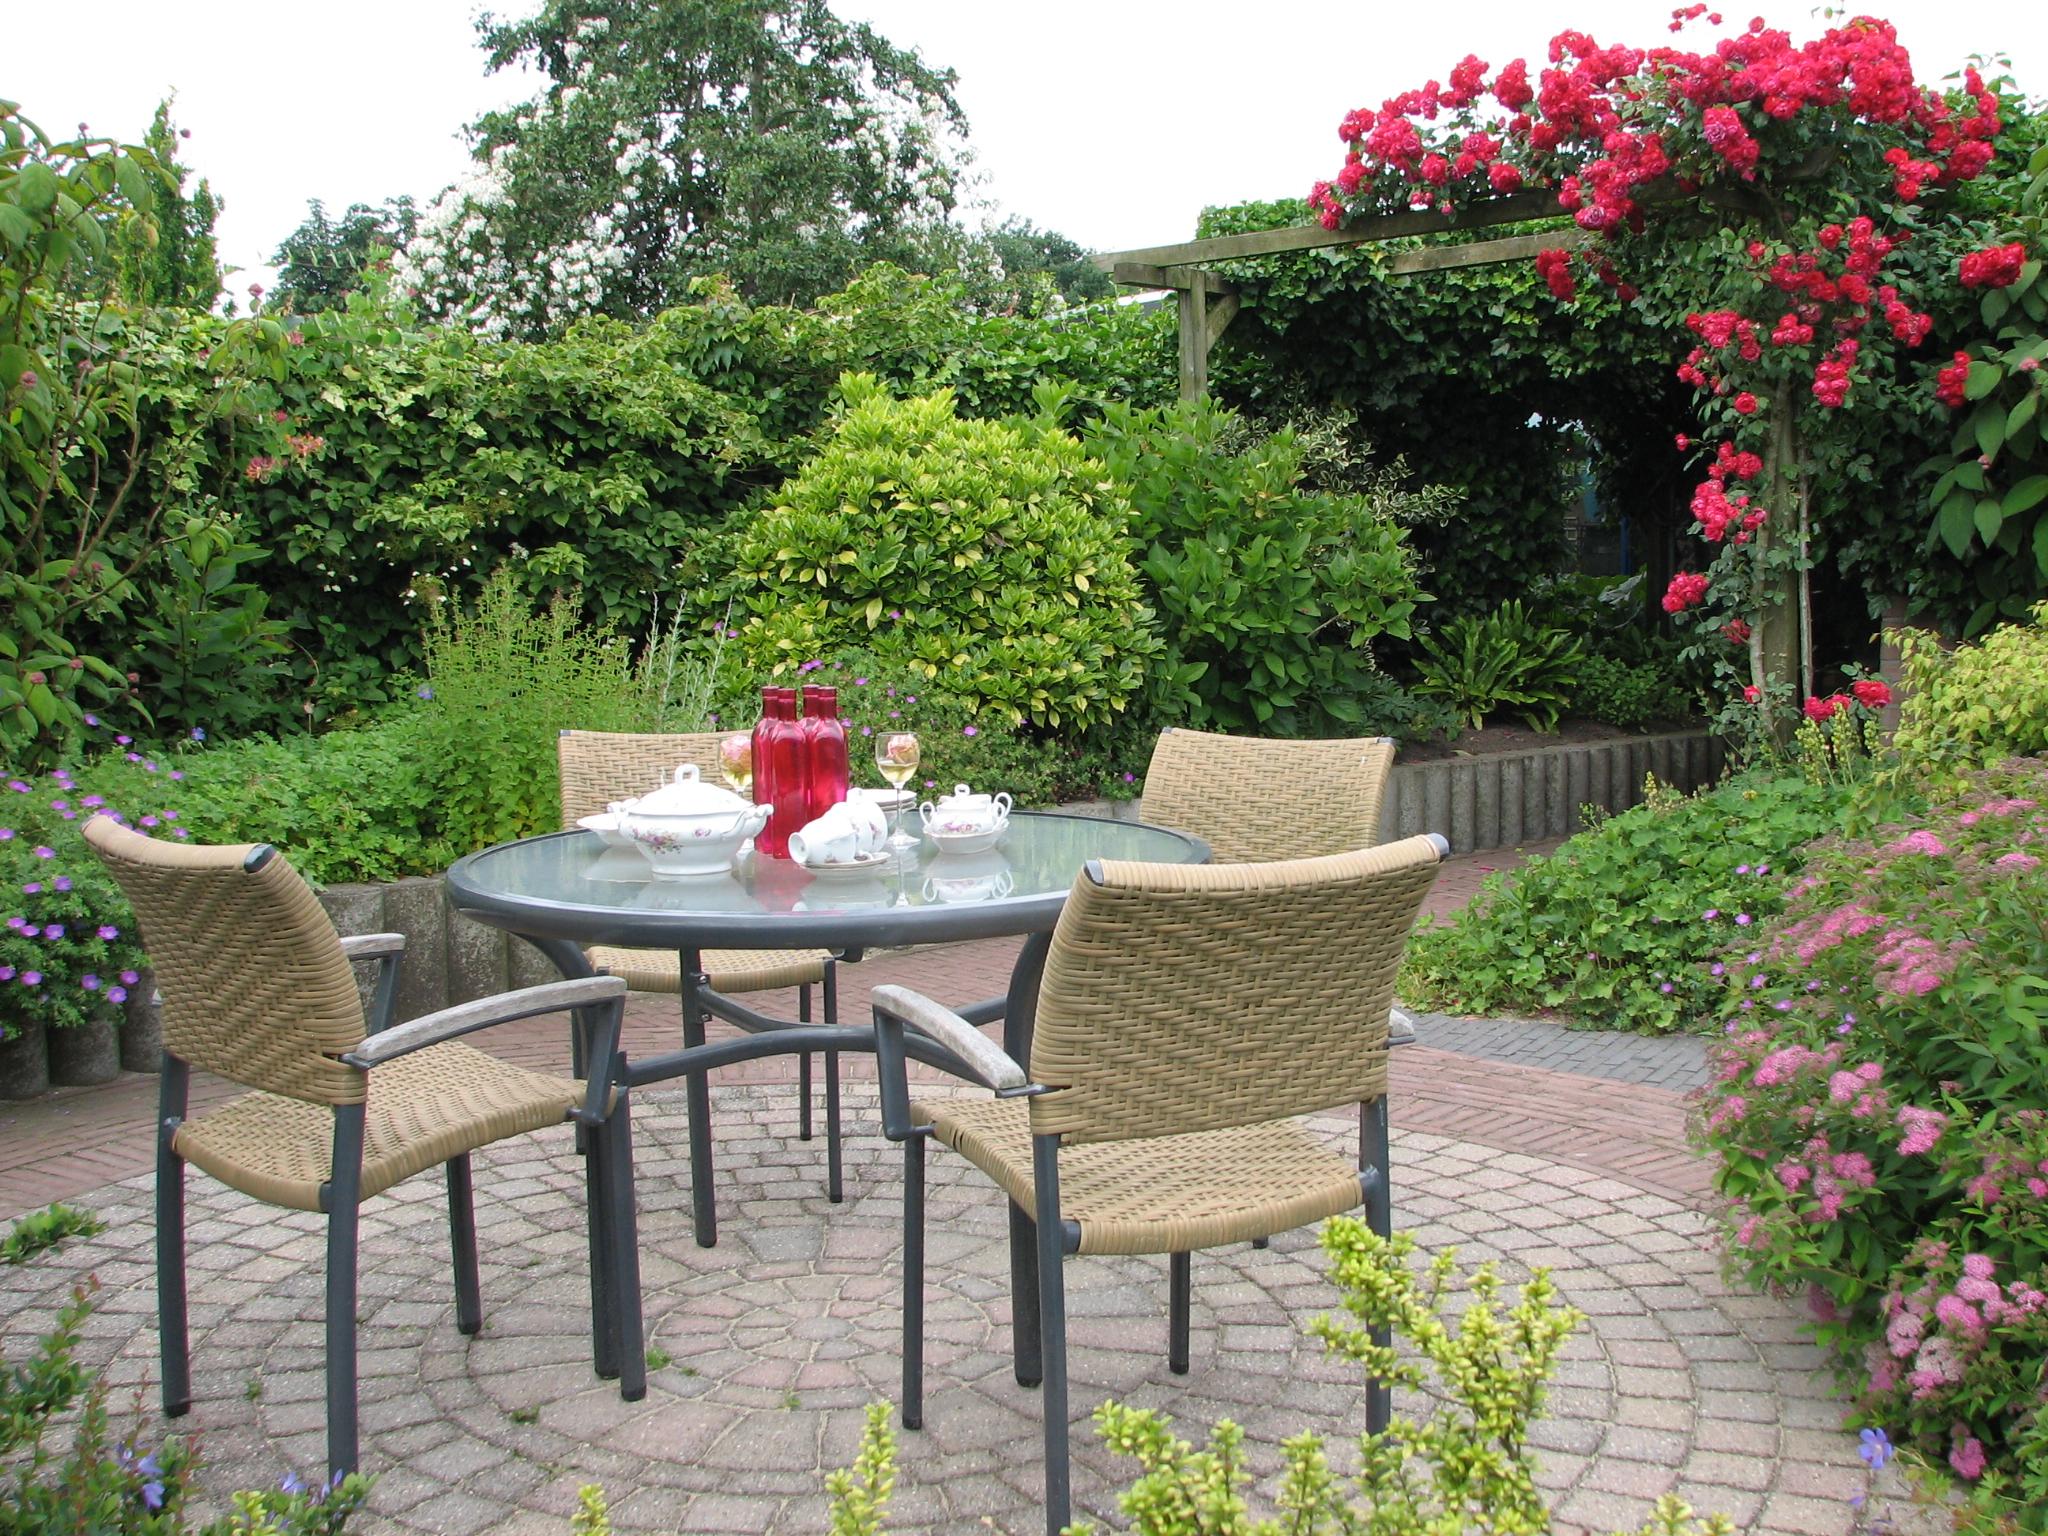 Достойное украшение сада: малые архитектурные формы, их виды и применение